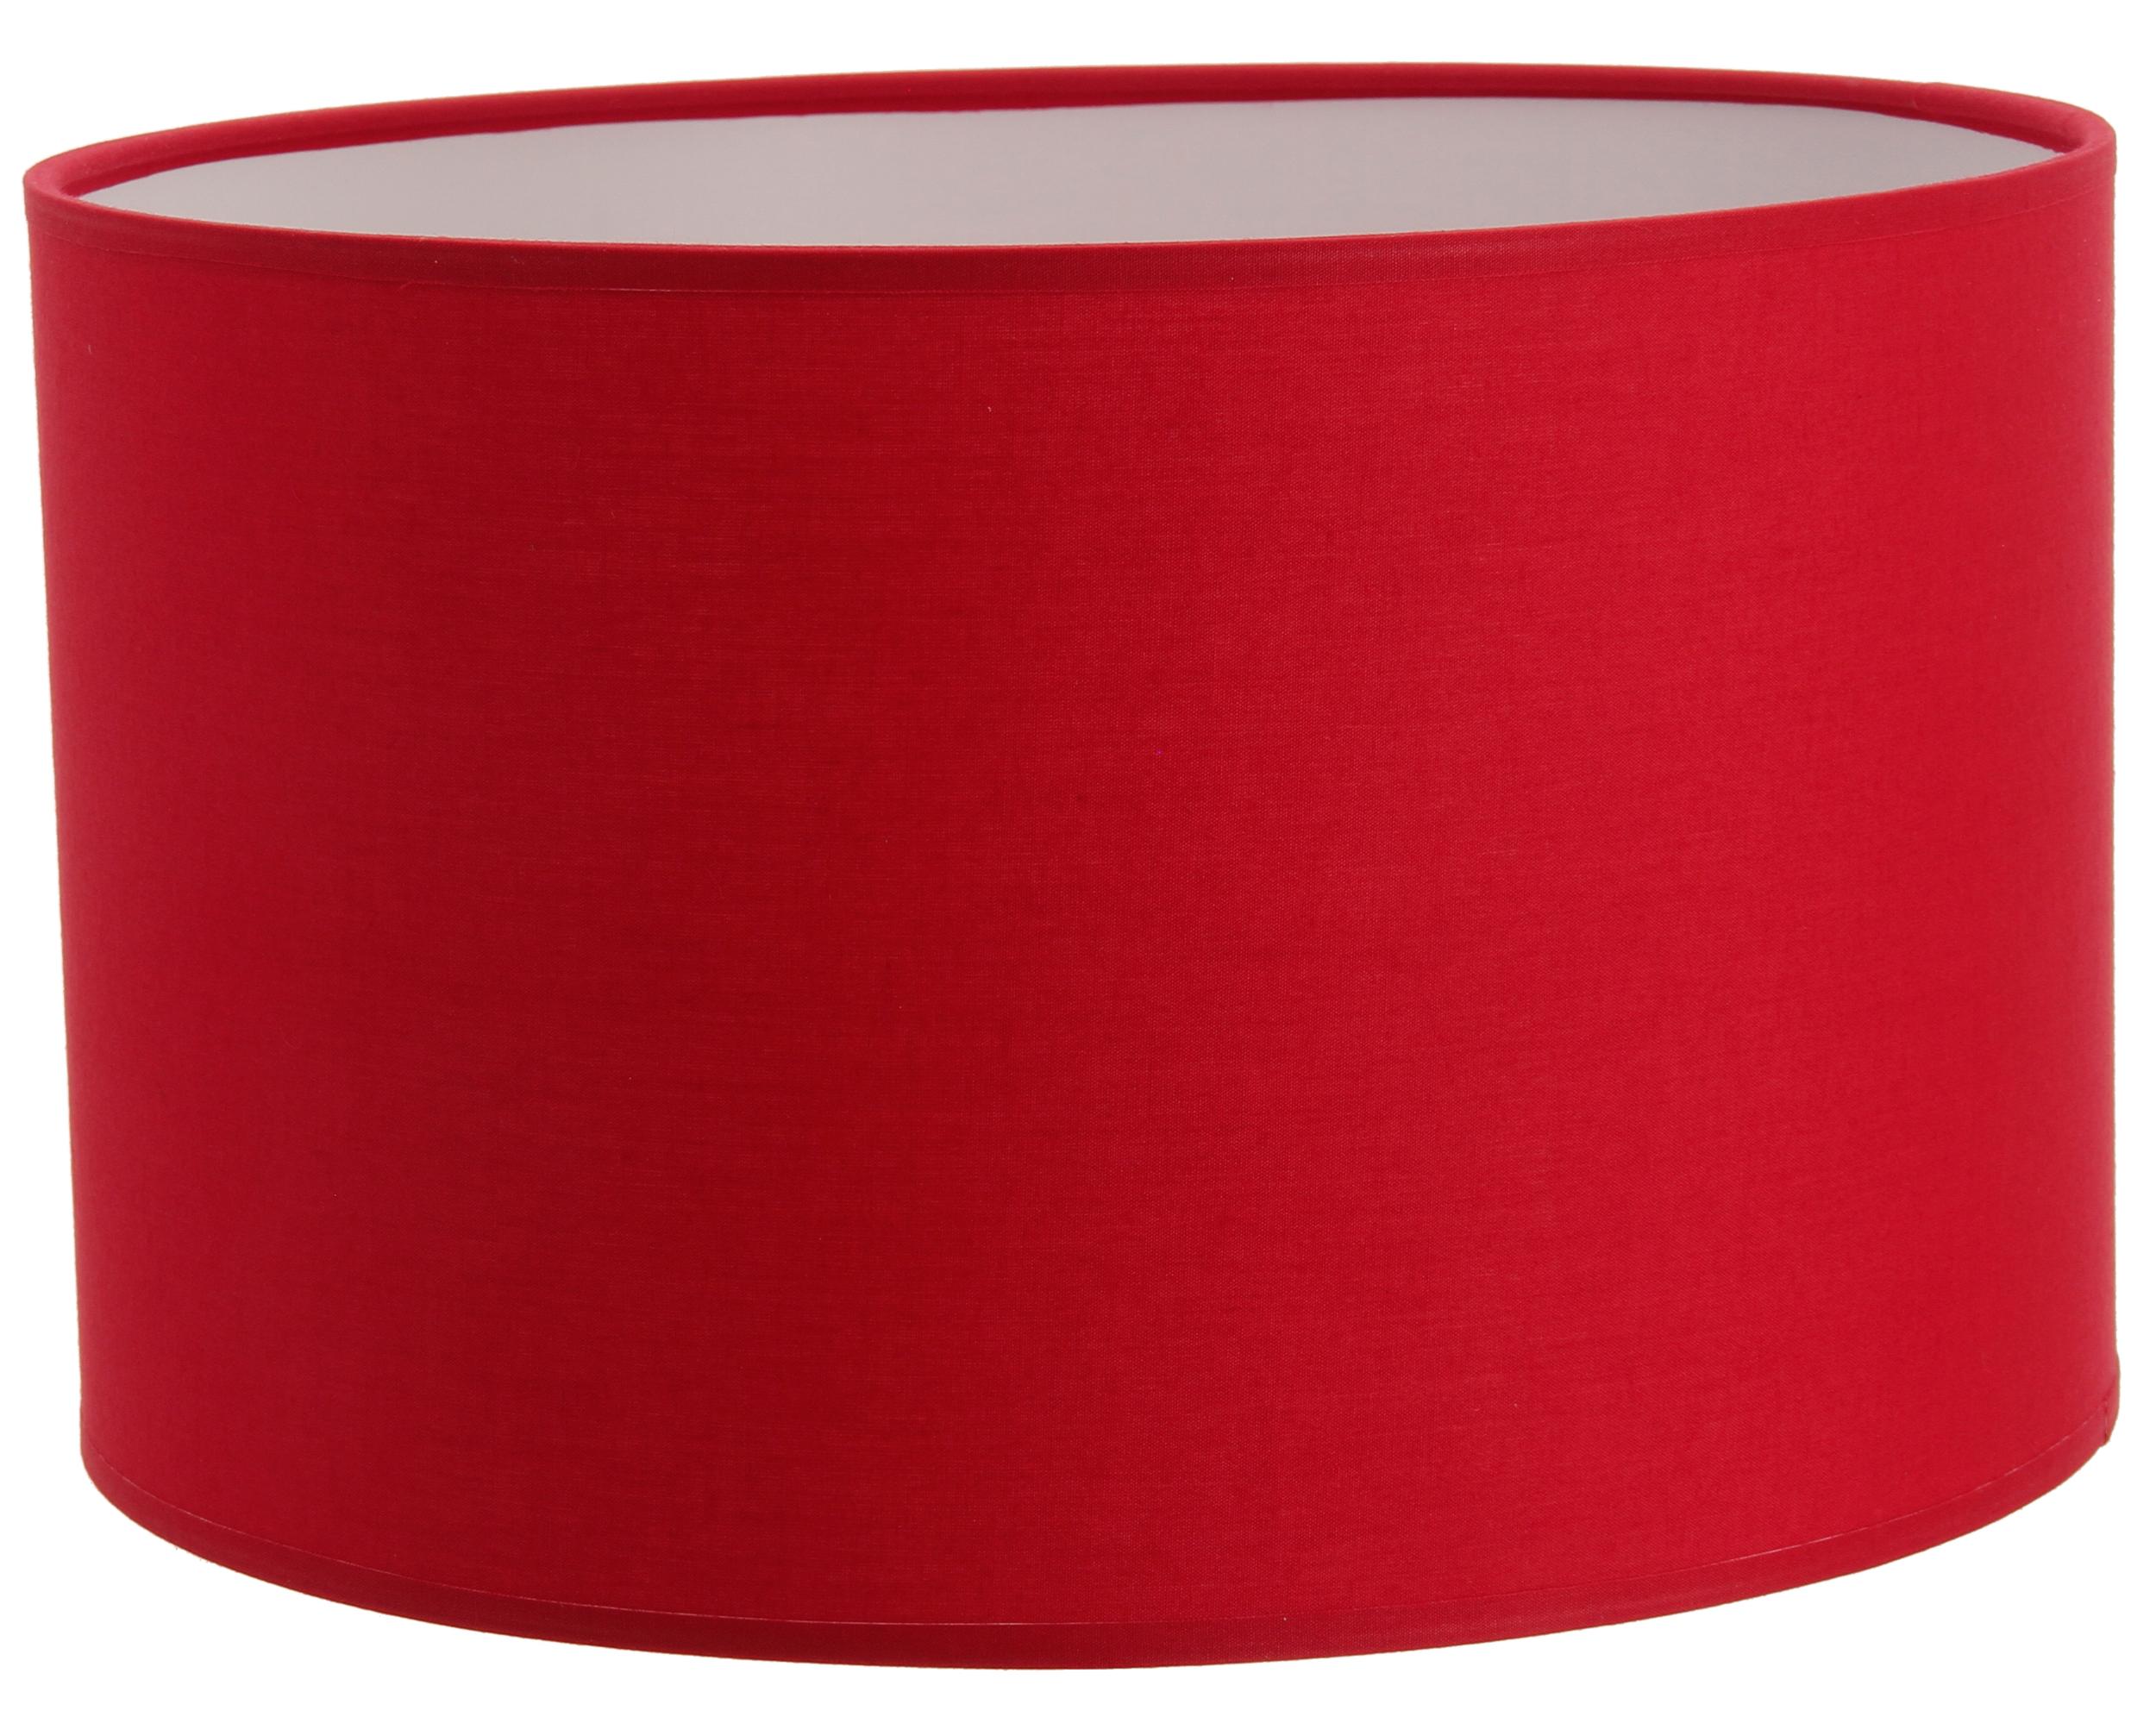 Abat-jour cylindre rouge